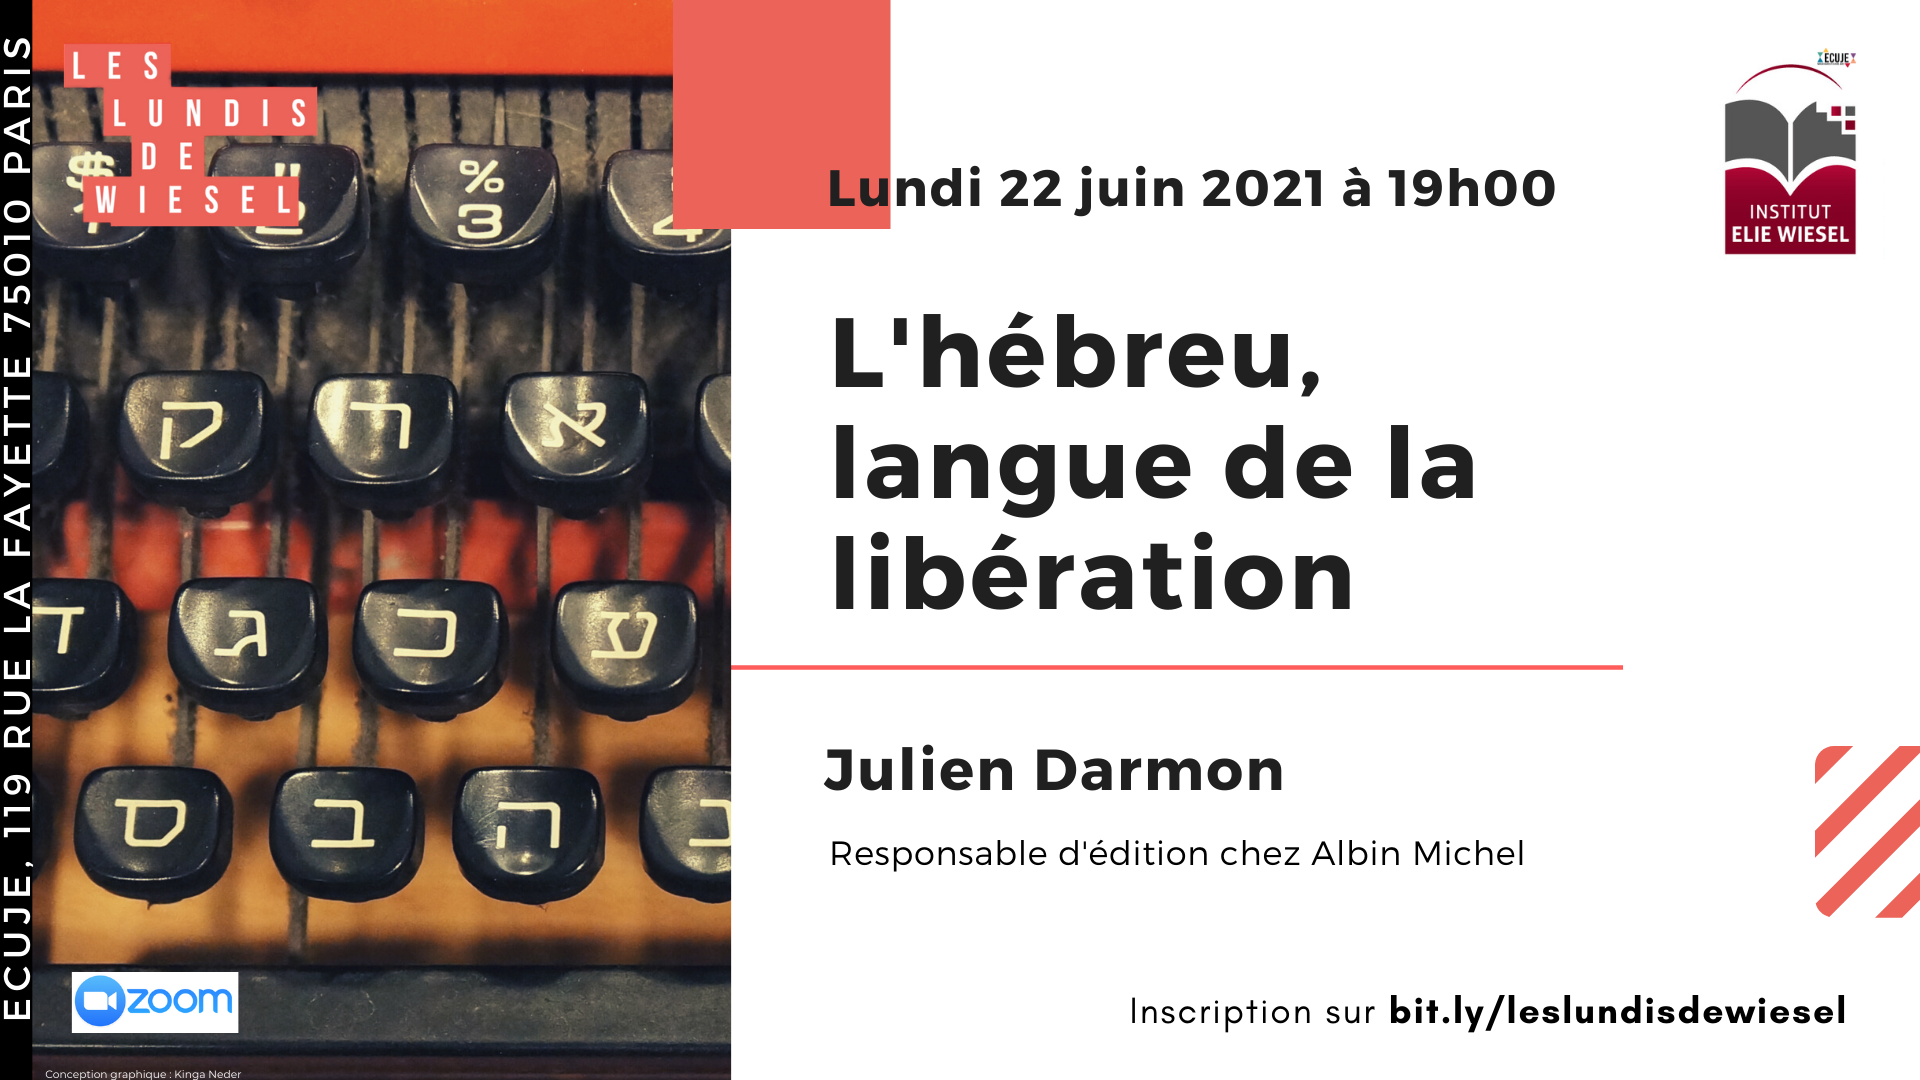 L'hébreu, langue de la libération, avec Julien Darmon